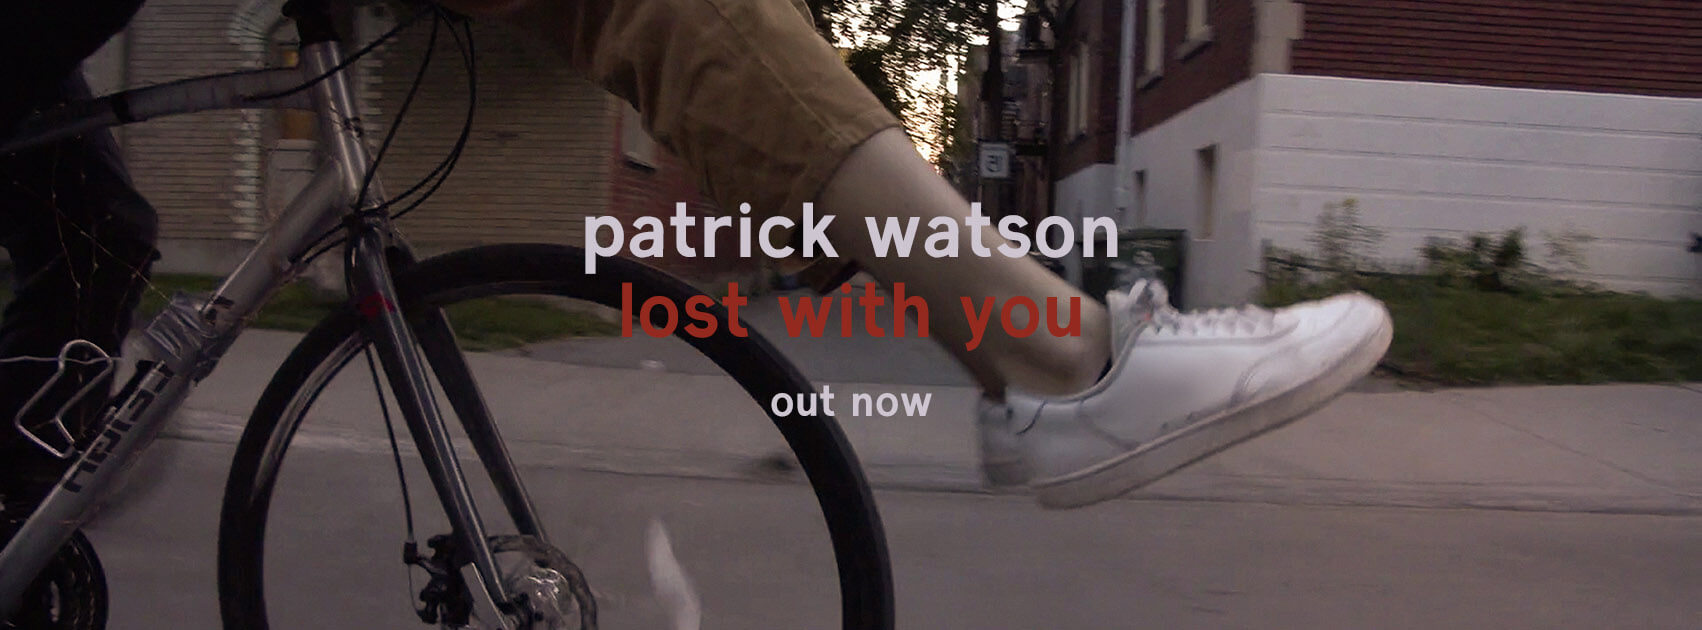 PatrickWatson-Lostwithyou-SCRWebsite-EN